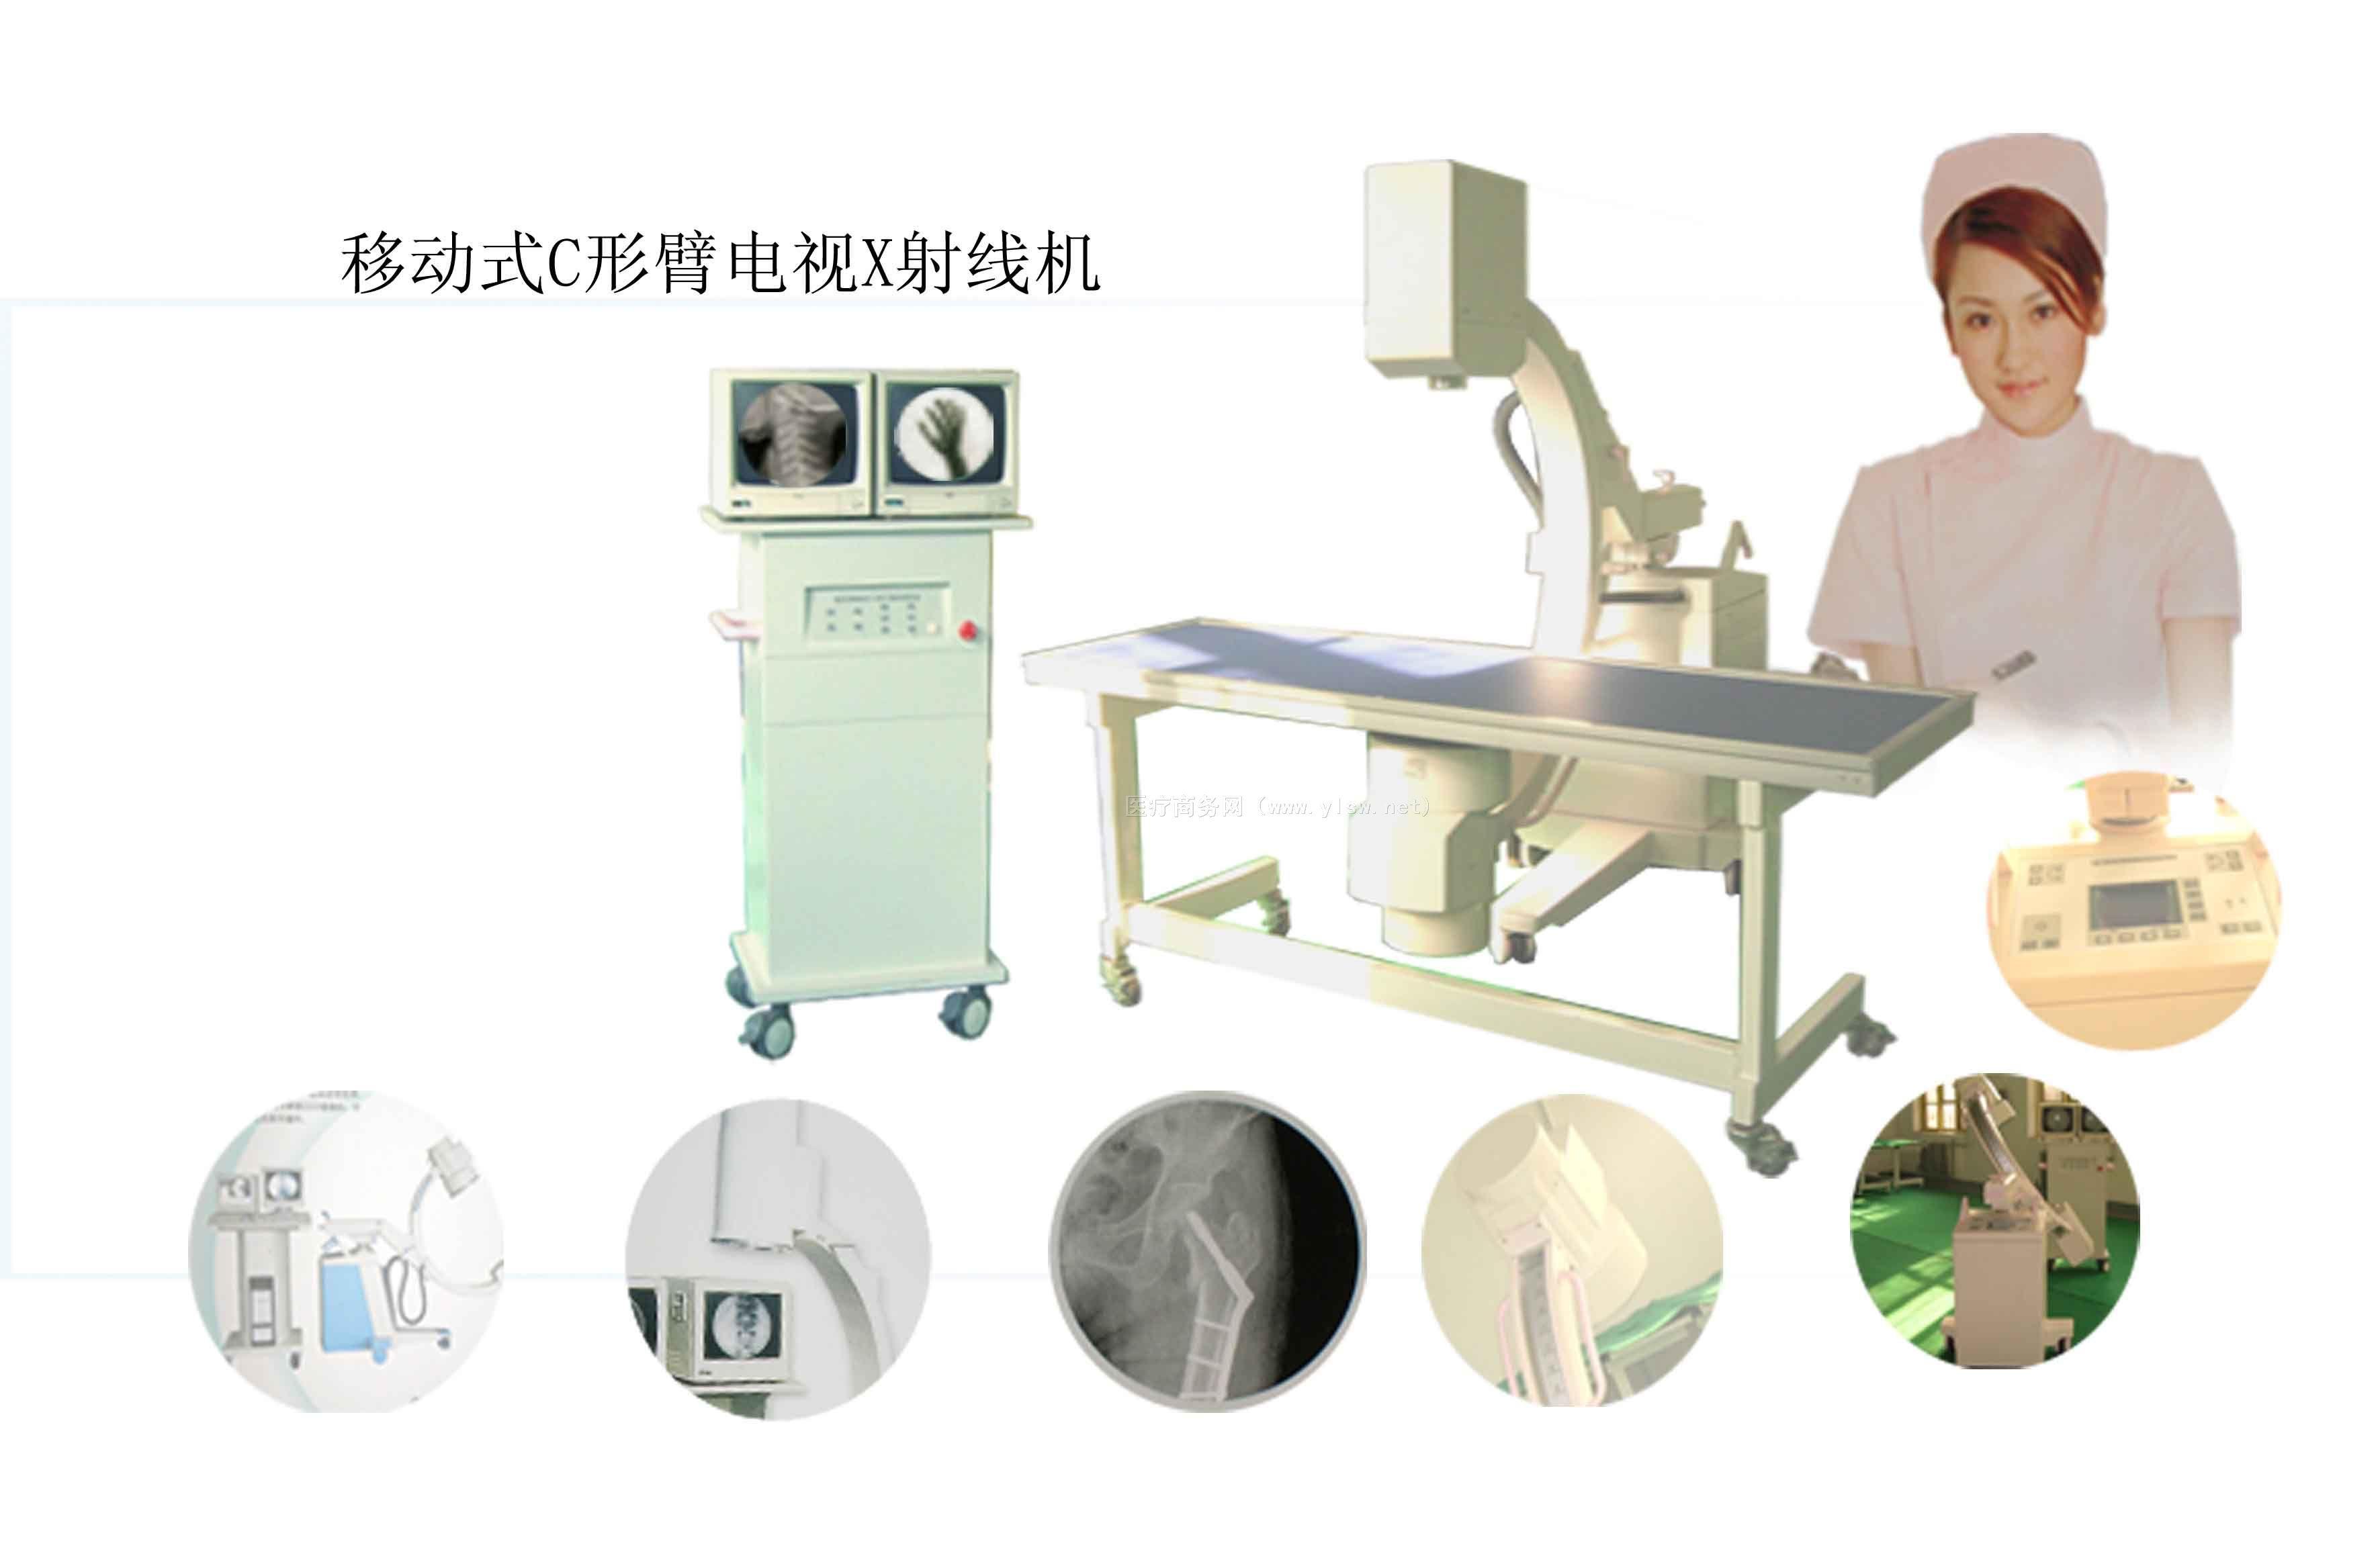 供应数字C形臂C臂机X射线系统